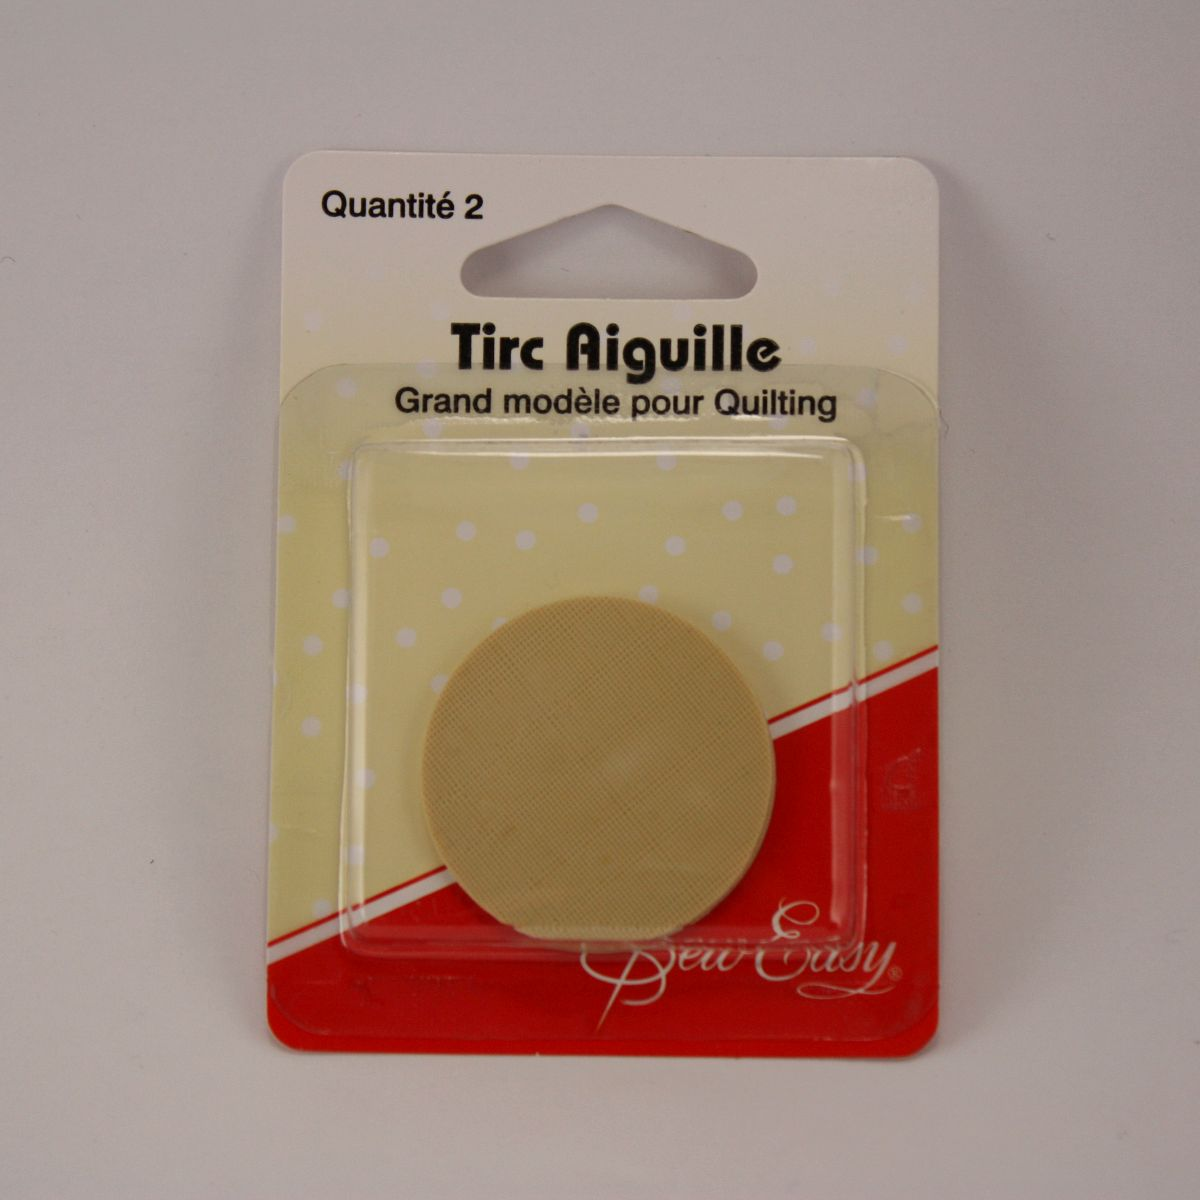 Tirc Aiguille. Grand Modèle pour Quilting